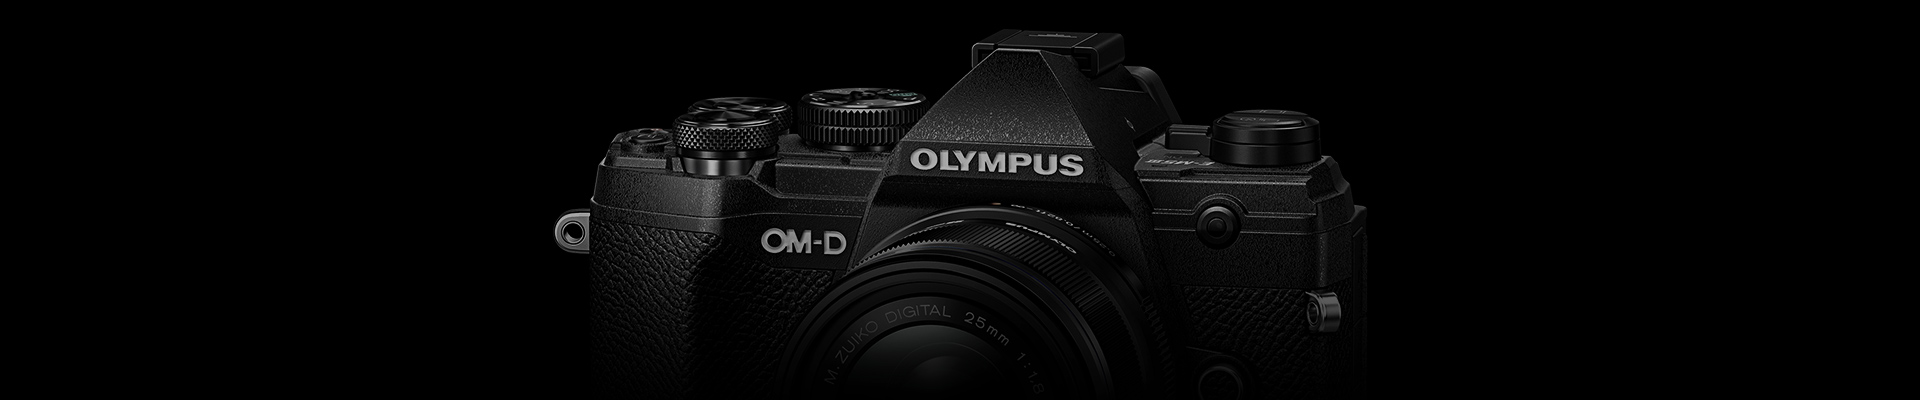 olympus-brand-page.jpg